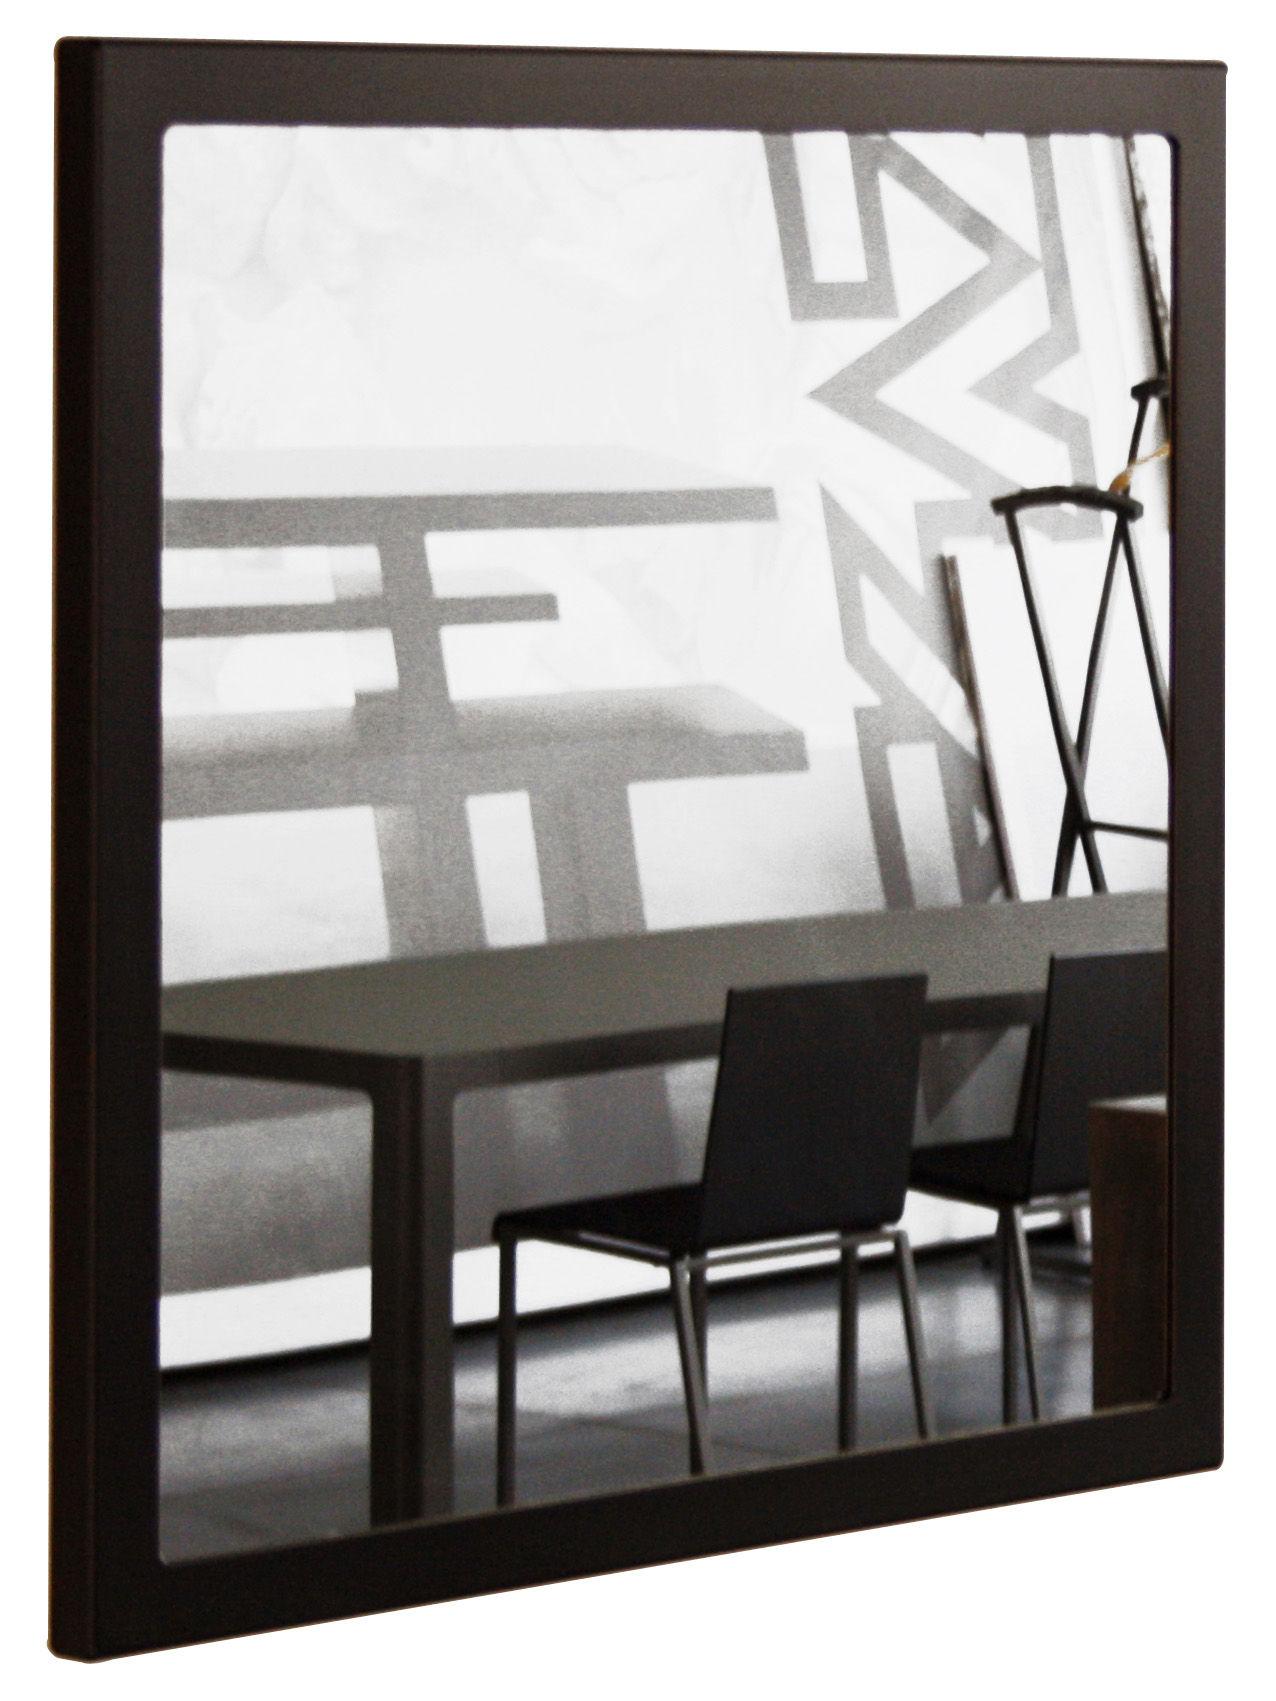 Möbel - Spiegel - Little Frame Wandspiegel 90 x 90 cm - Zeus - Schwarz phosphatiert - Tôle d'acier naturelle